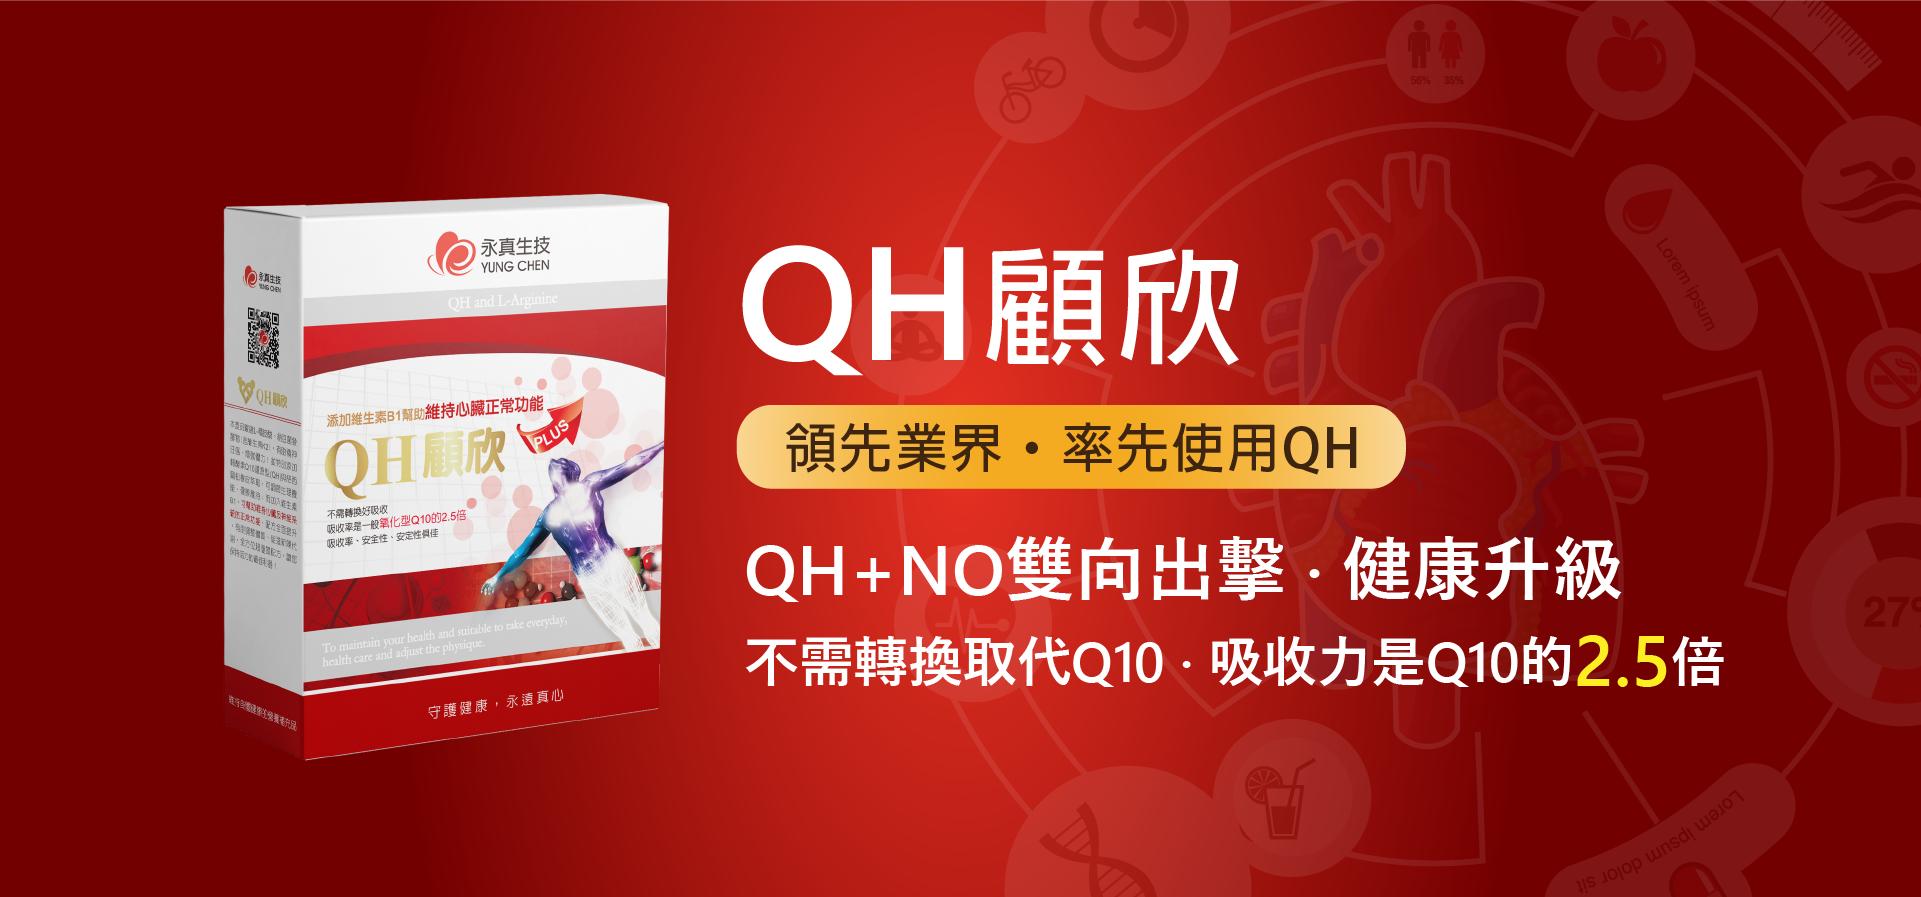 顧欣QH是升級版Q10